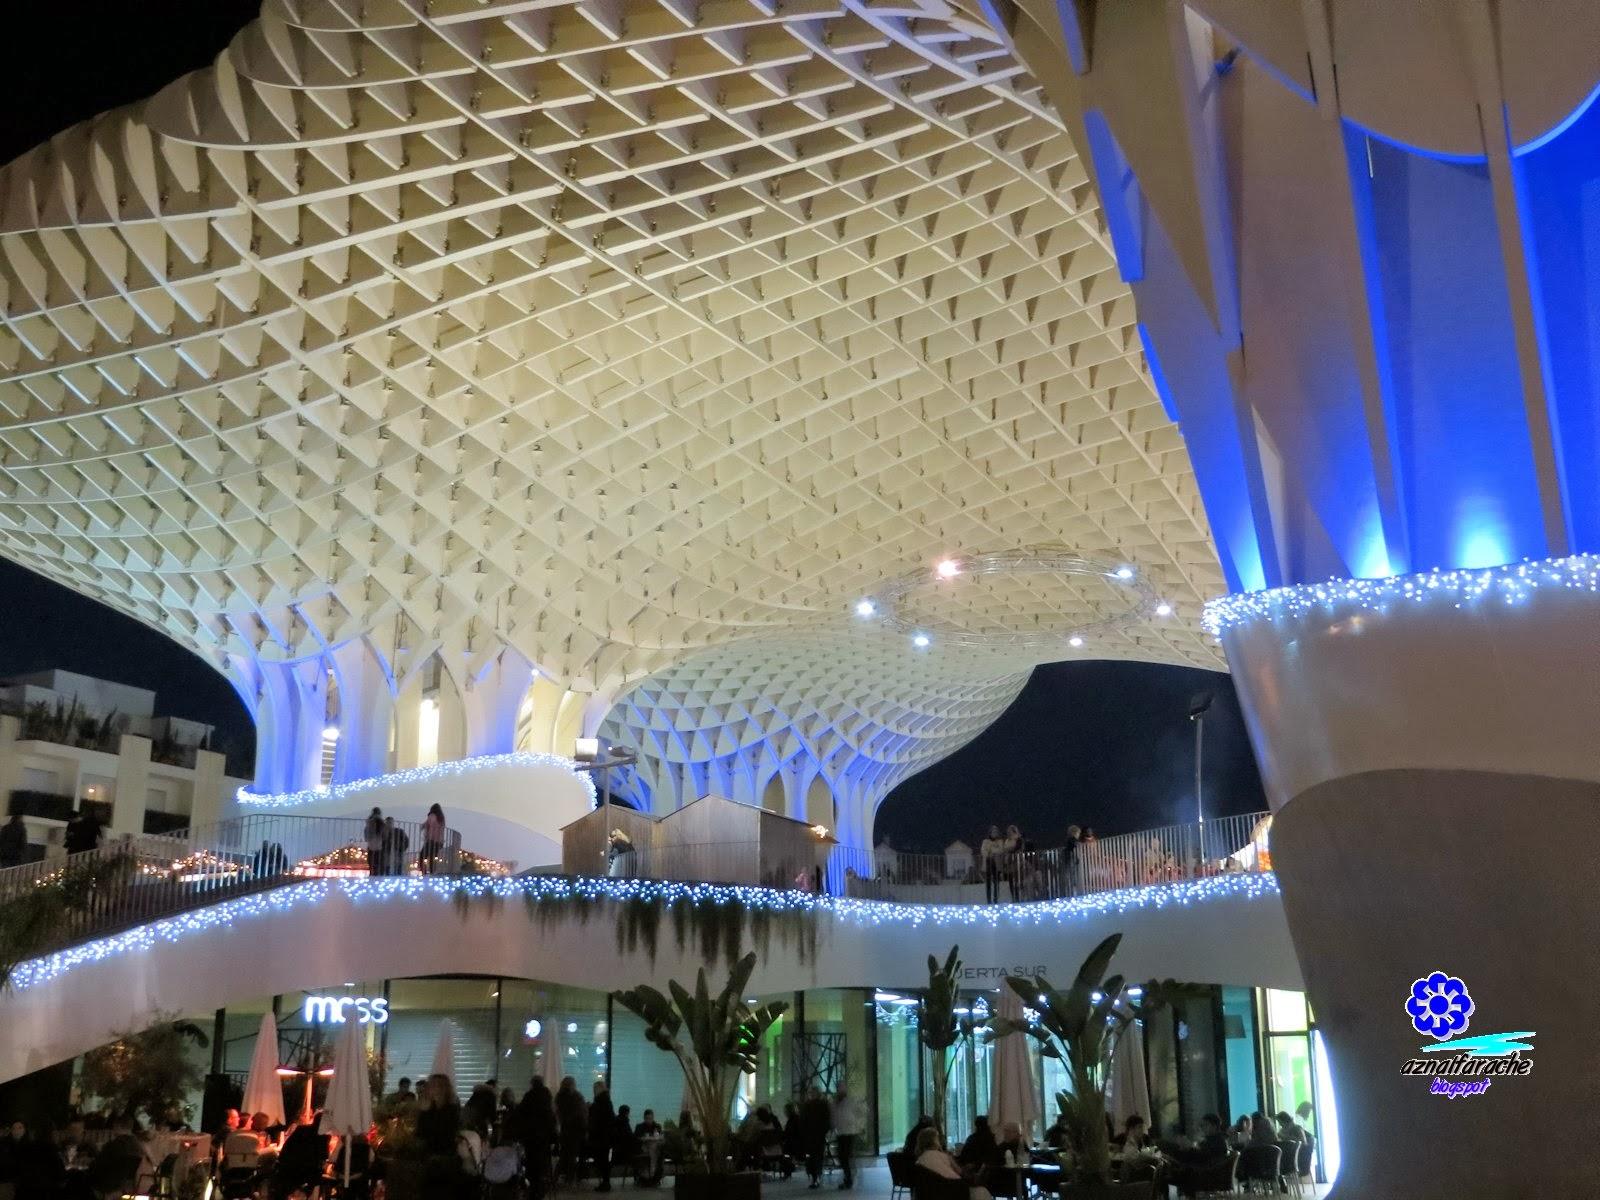 Sevilla alumbrado navide o 2013 aznalfarache - Iluminacion sevilla ...